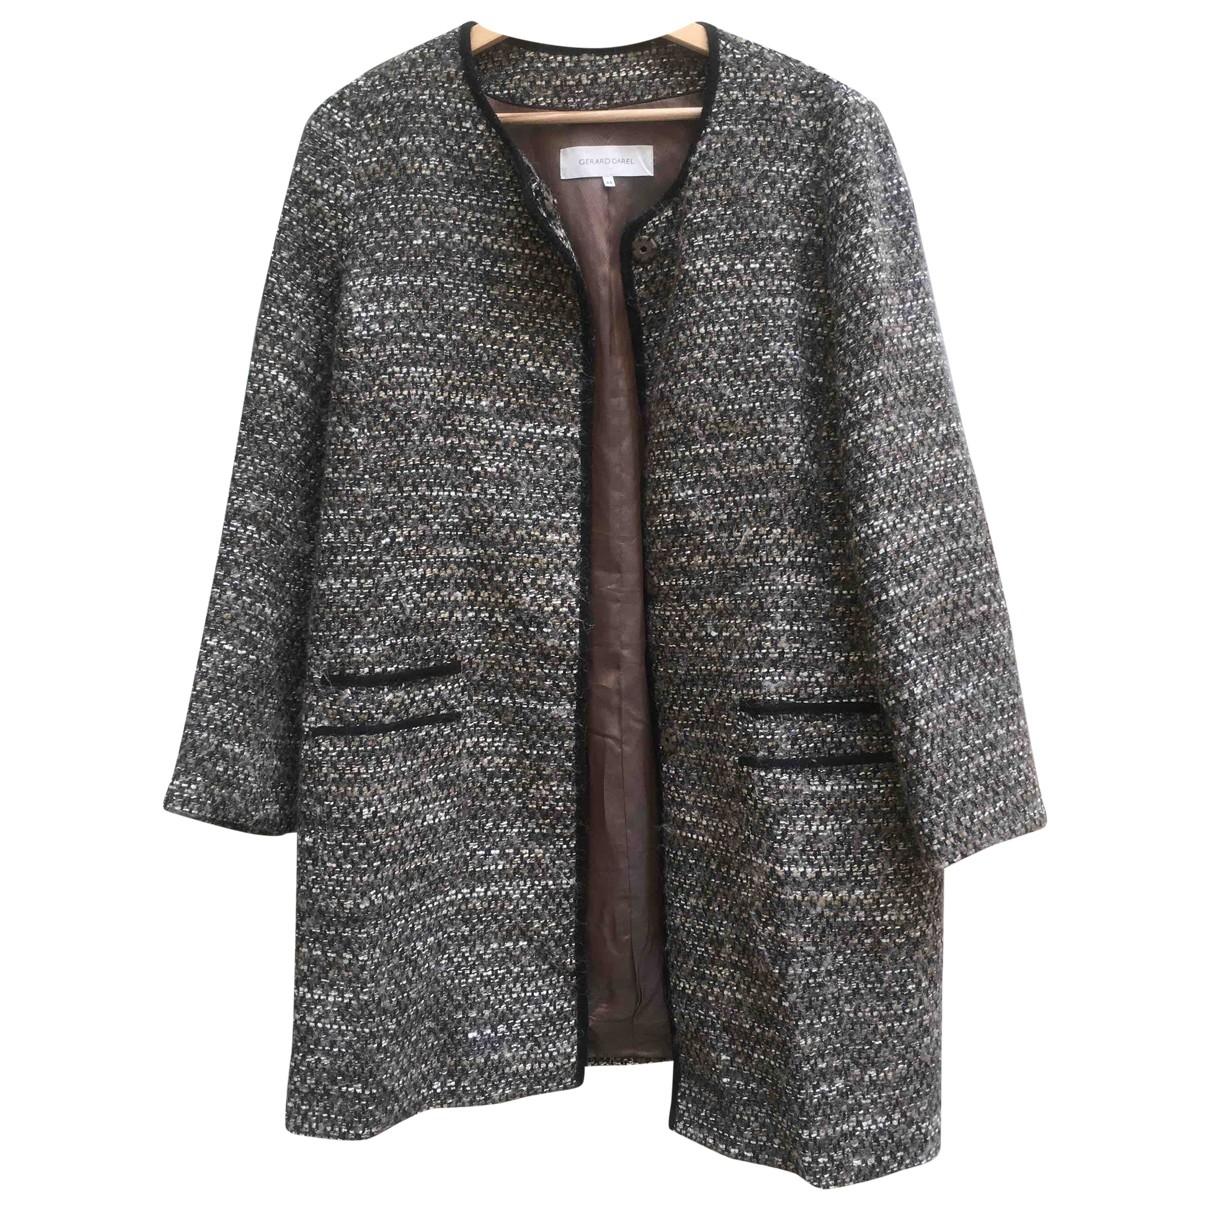 Gerard Darel \N Black coat for Women 44 FR